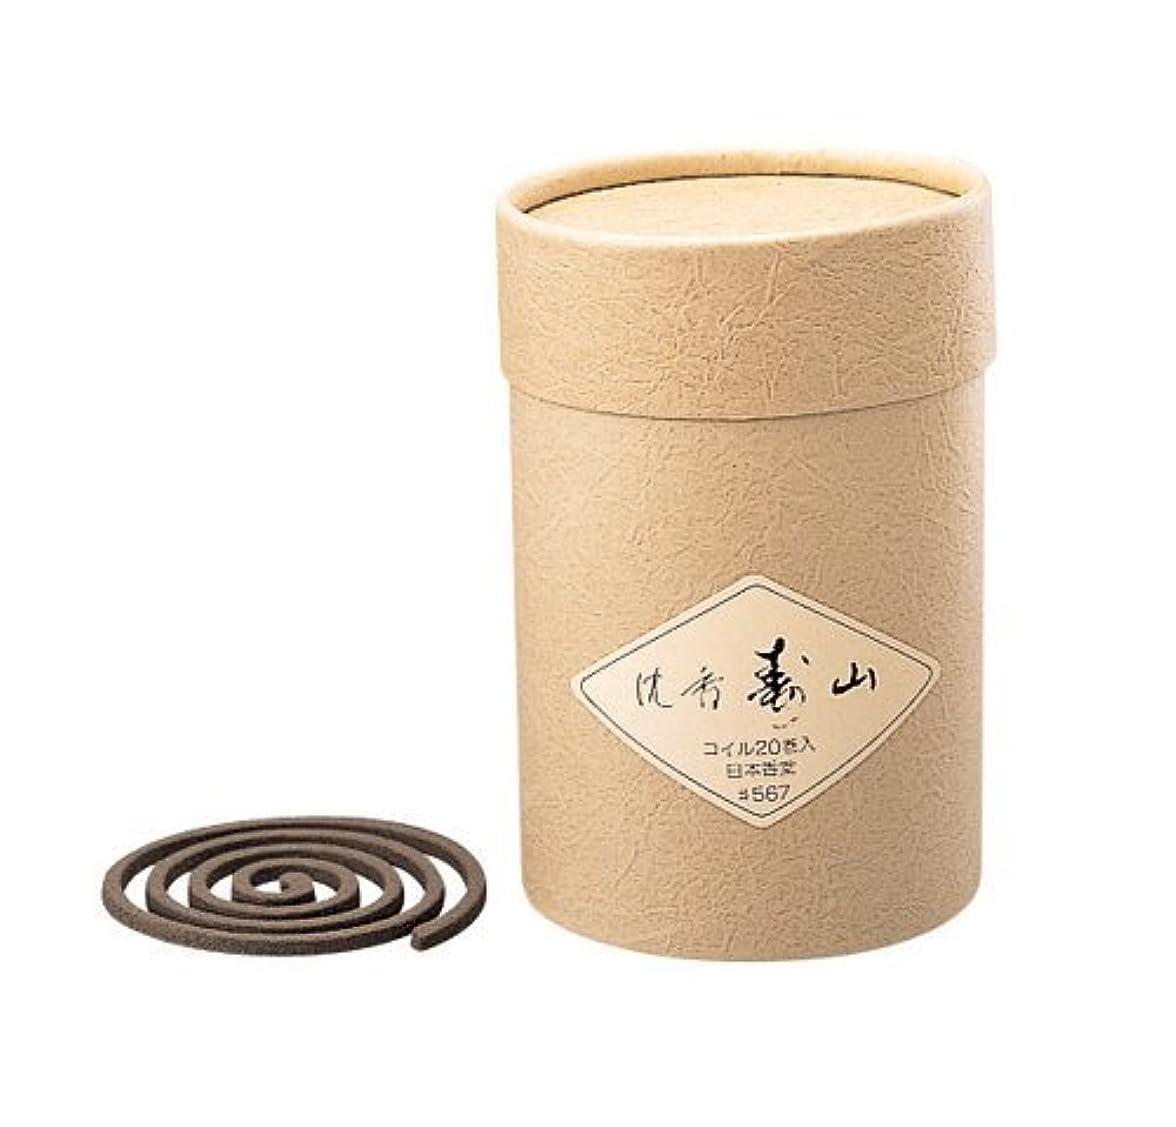 洪水人生を作る味付け香木の香りのお香 沈香寿山 コイル20巻入【お香】